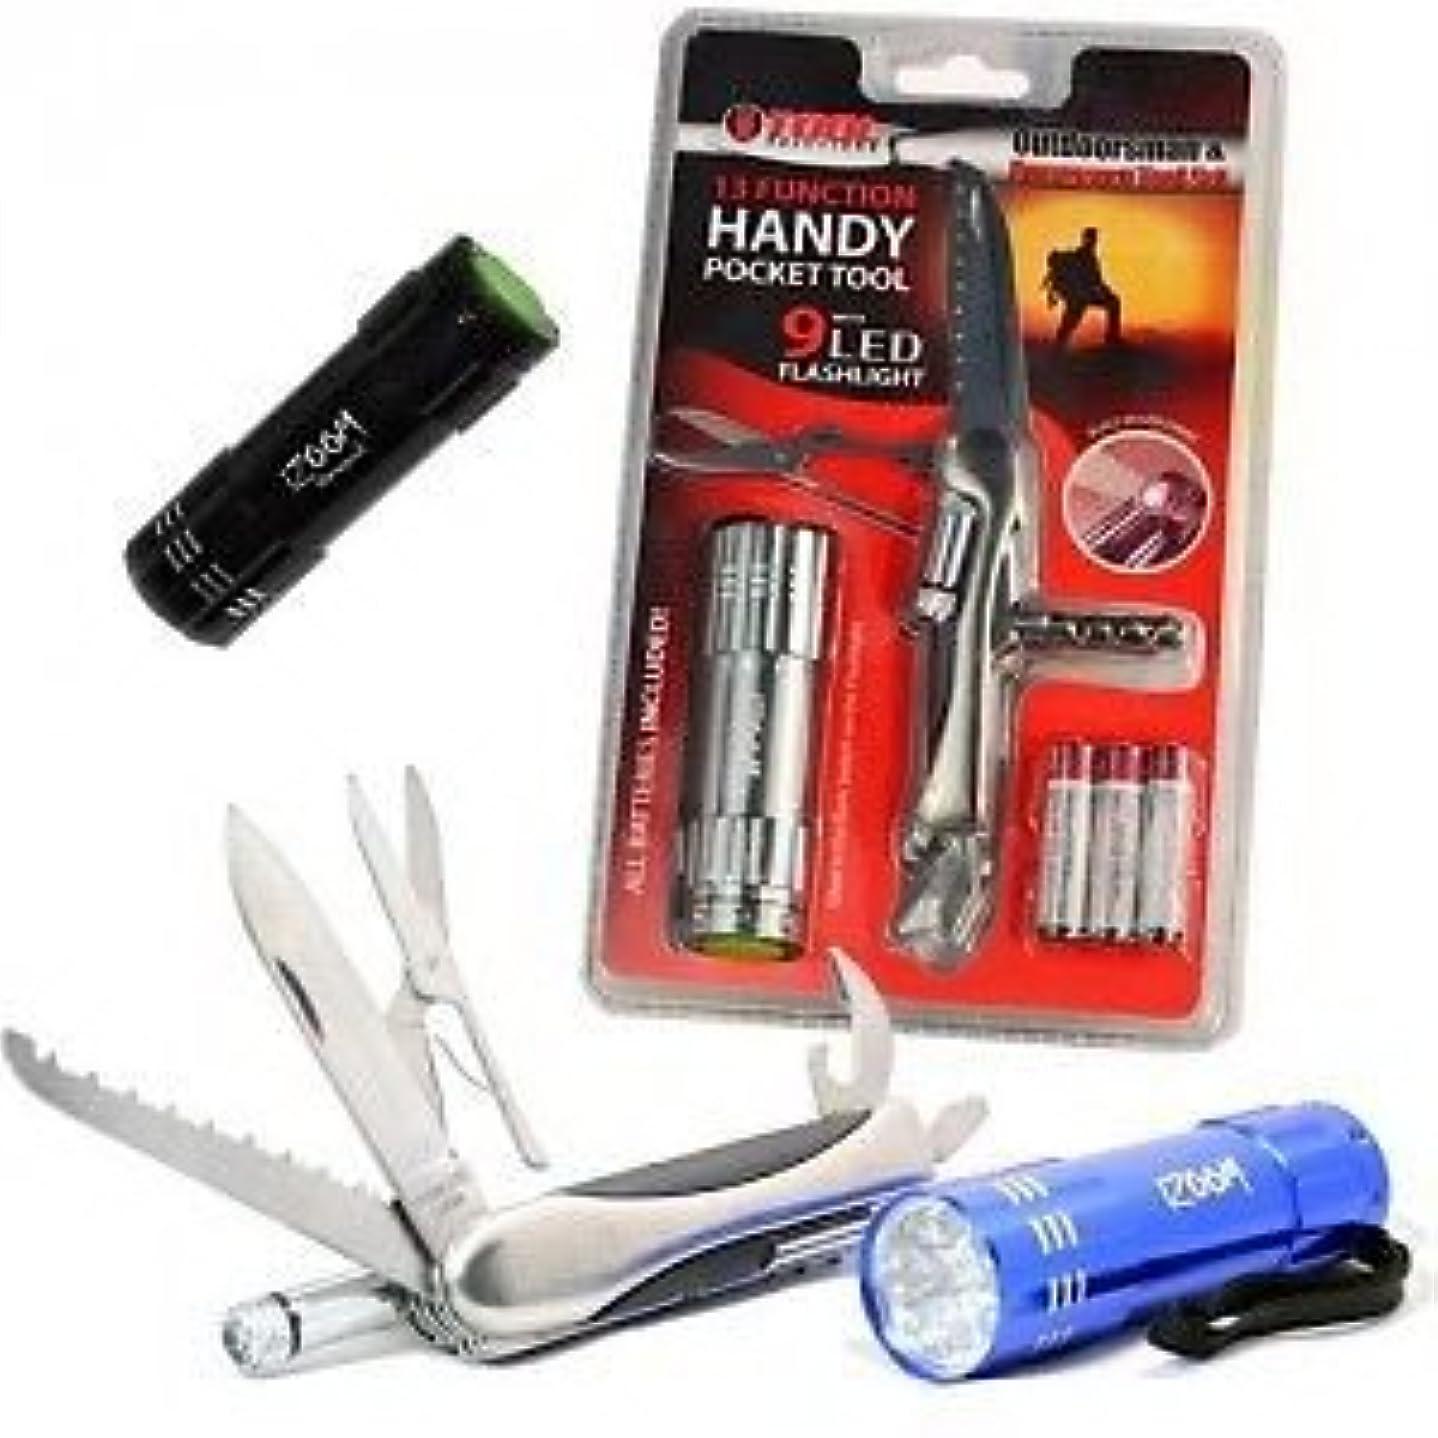 として大破ネズミGearXS Tool Solutions 13-Function Handy Pocket Tool With 9 LED Flashlight by GearXS